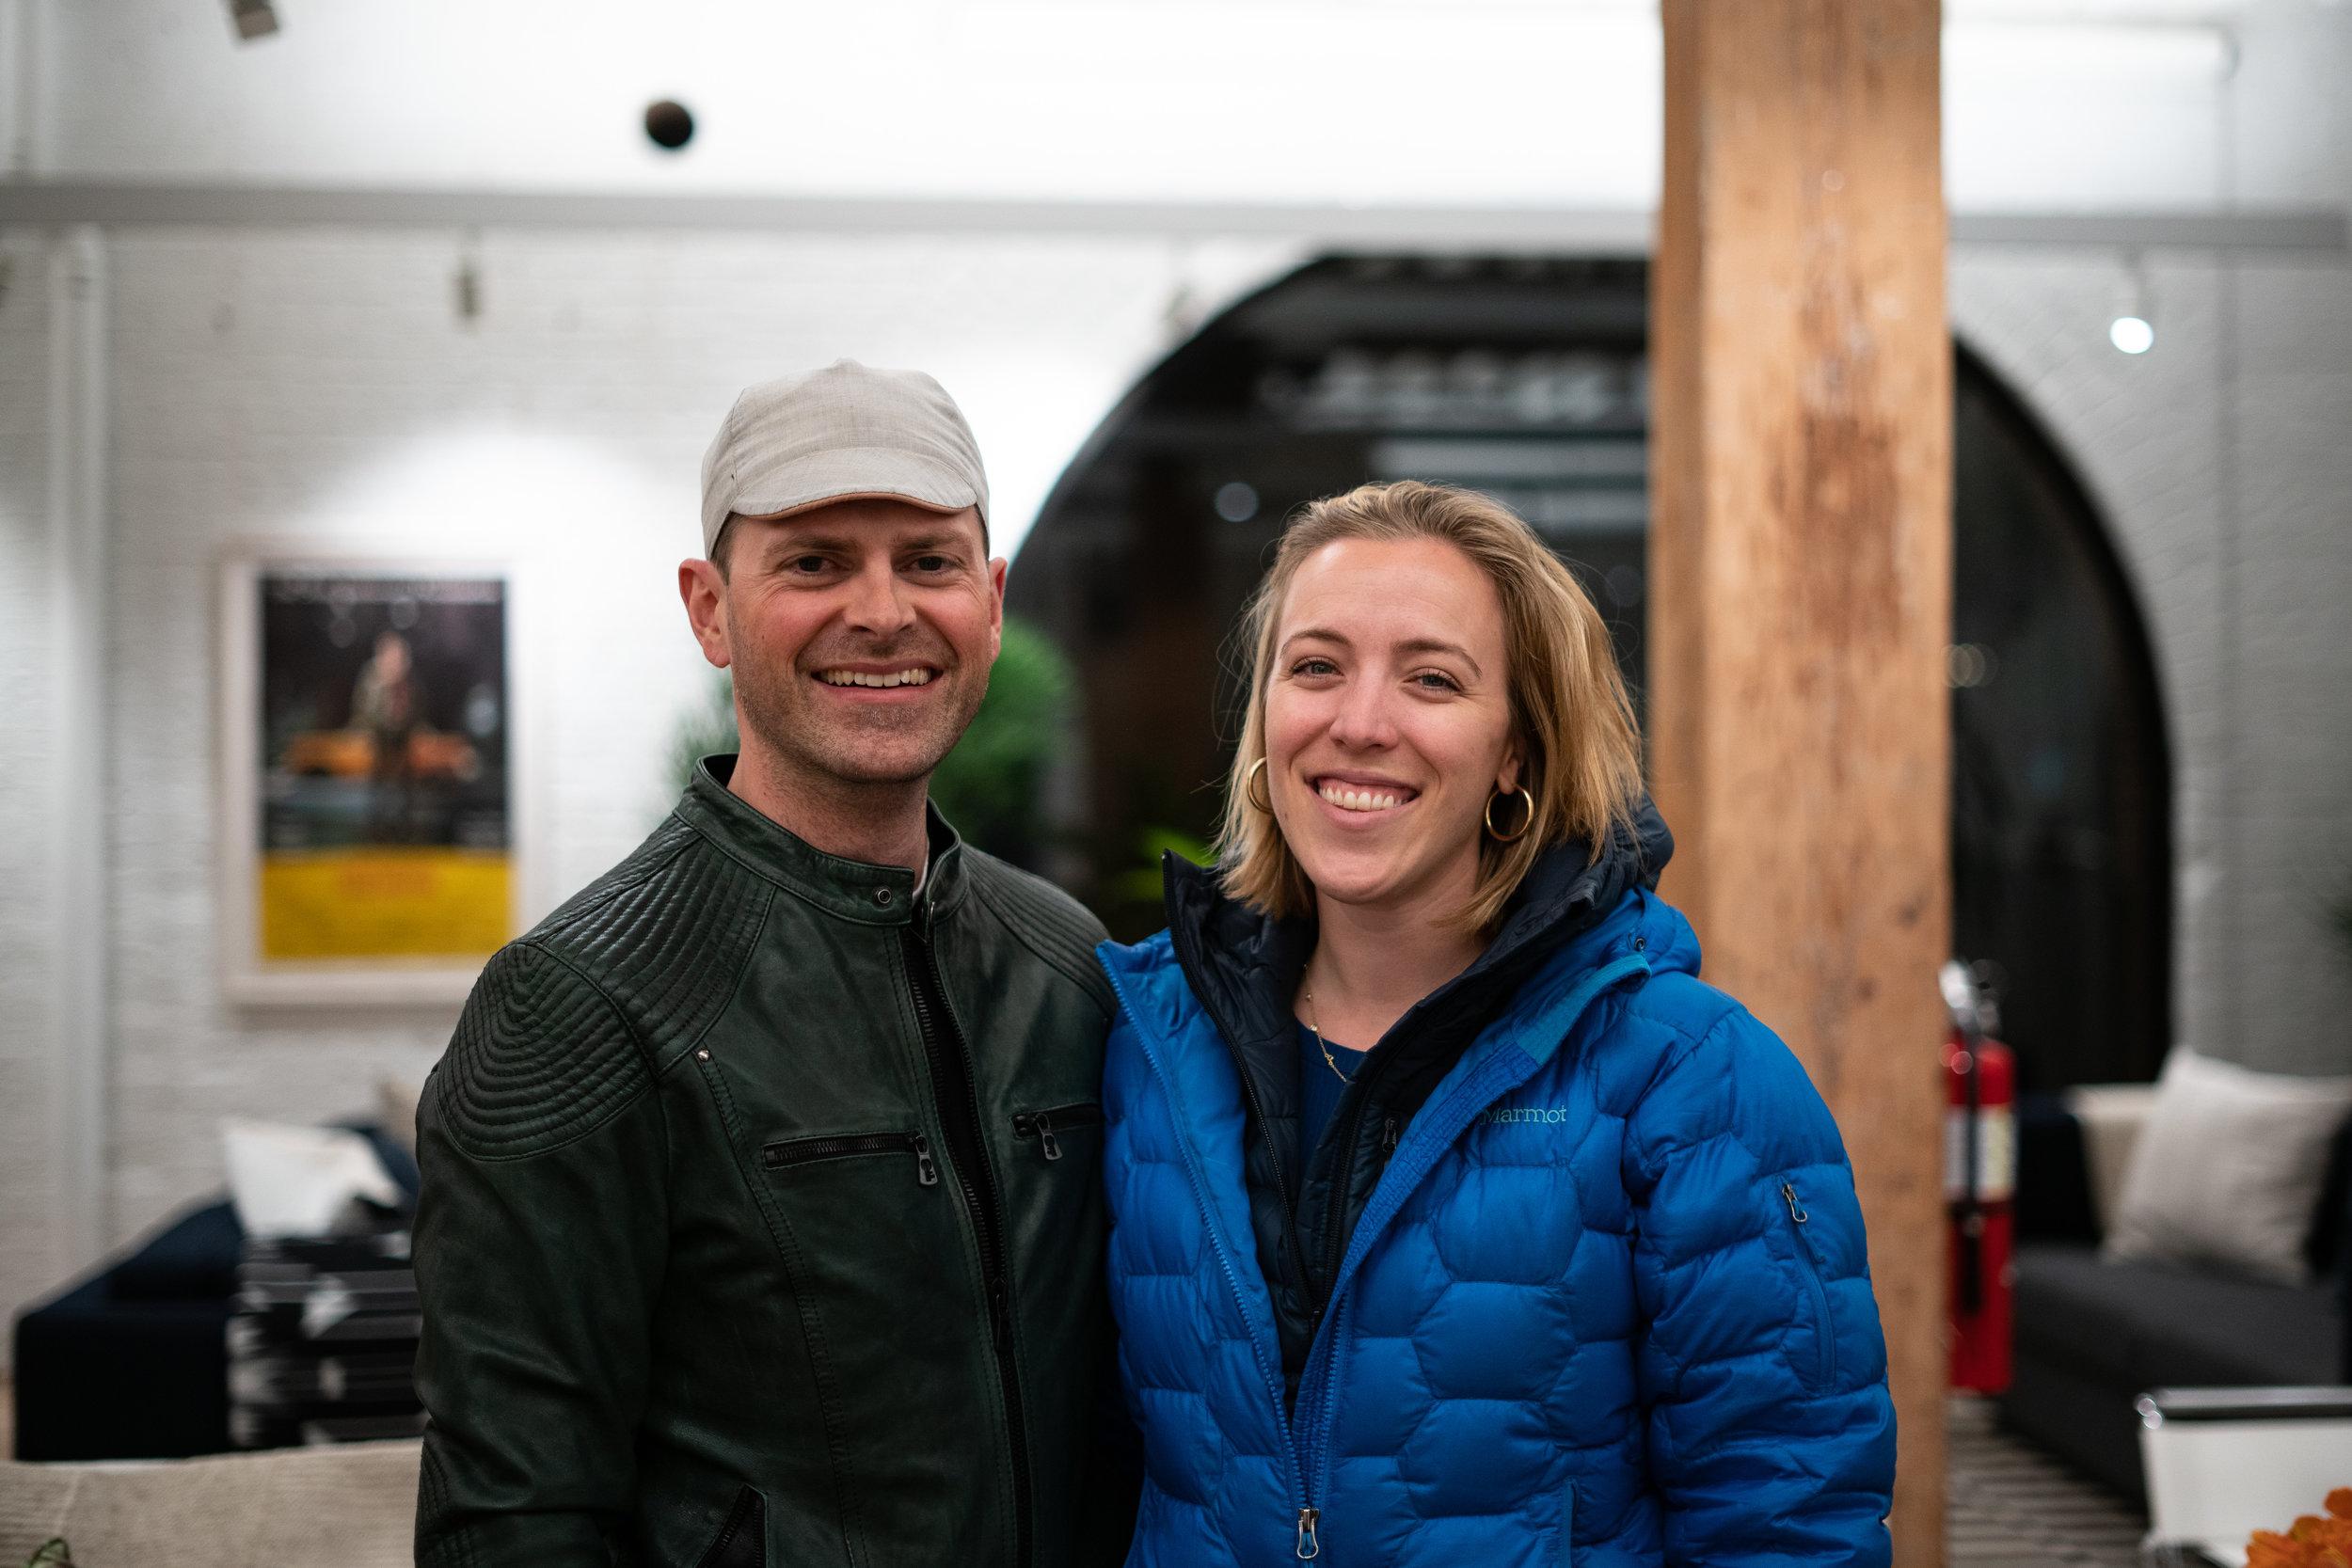 Gabe and Kacey Lloyd. Photo: Sebastian Vidal